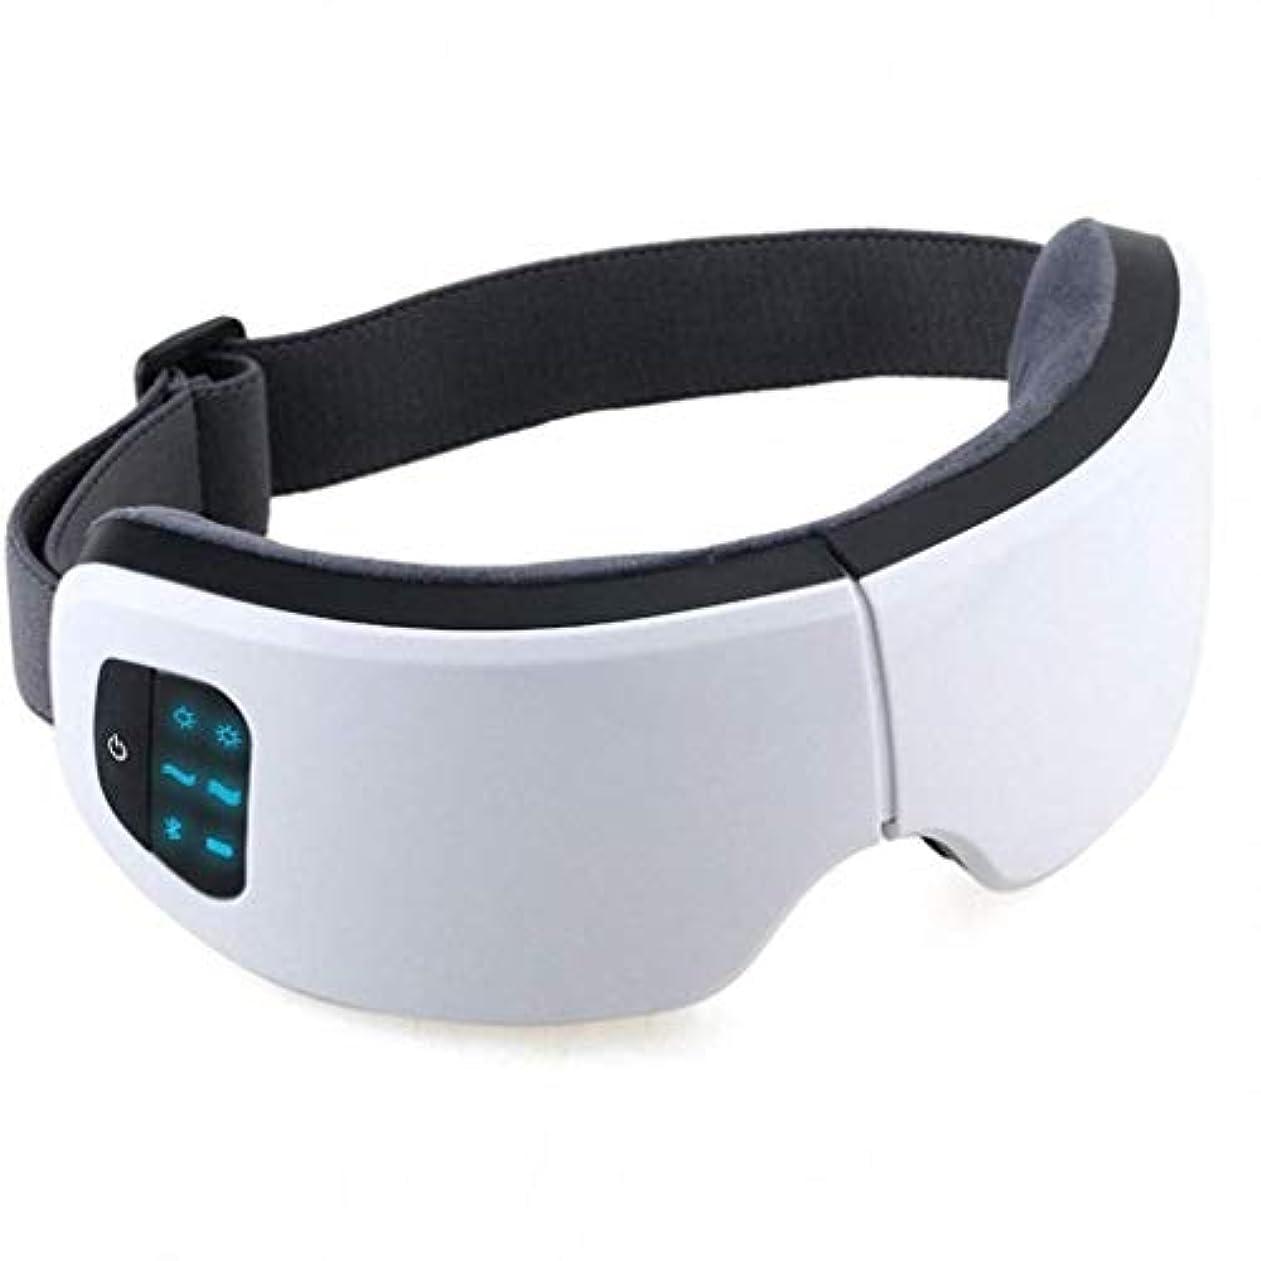 医師微妙ソケット電動アイマスク、アイマッサージャー、折りたたみ式USB充電式スマートデコンプレッションマシン、ワイヤレスBluetoothポータブル、目の疲れを和らげる、ダークサークル、アイバッグ、美容機器